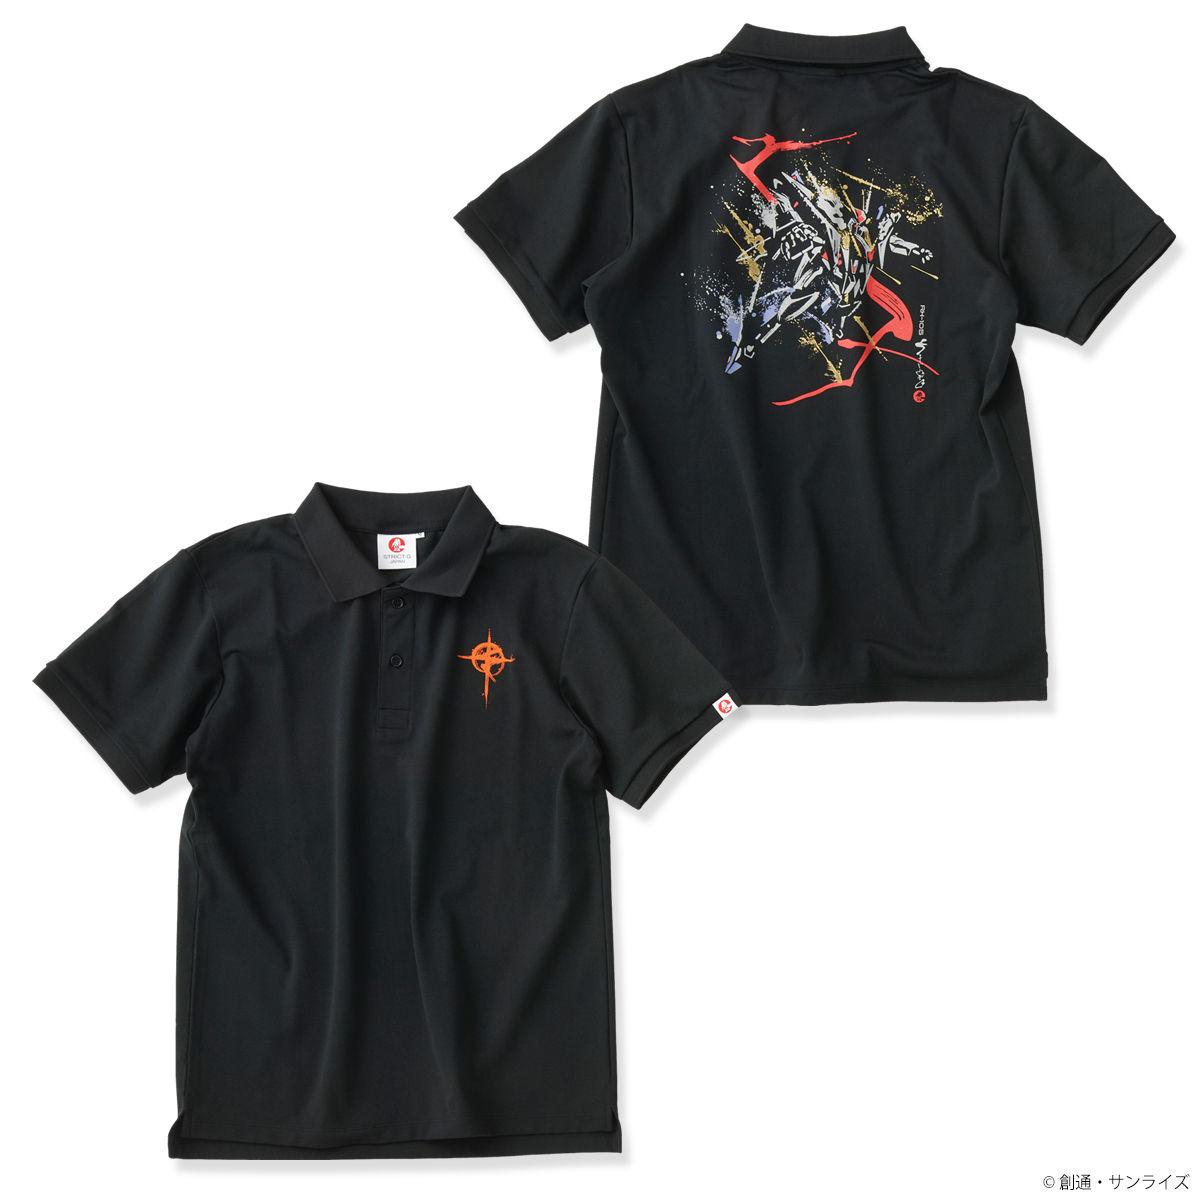 Ξ Gundam Polo Shirt—Mobile Suit Gundam Hathaway/STRICT-G JAPAN Collaboration